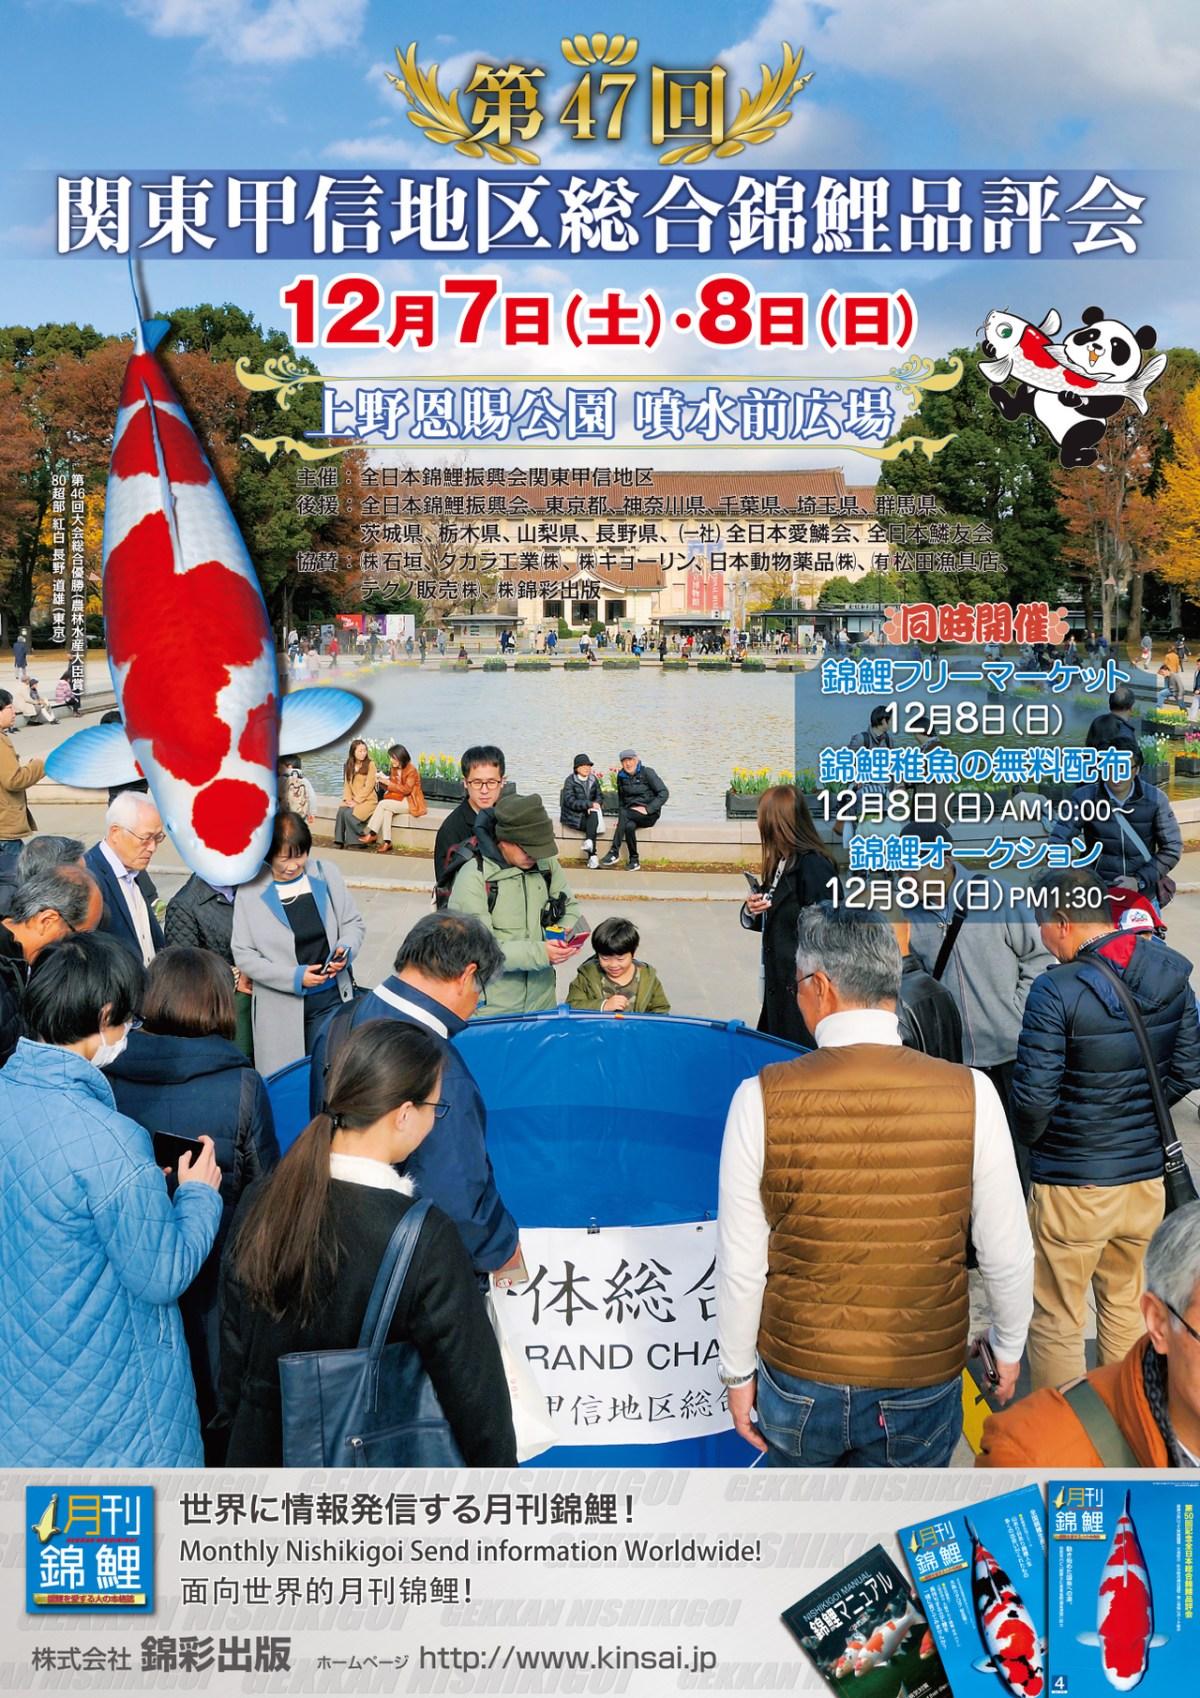 第47回記念関東甲信地区総合錦鯉品評会